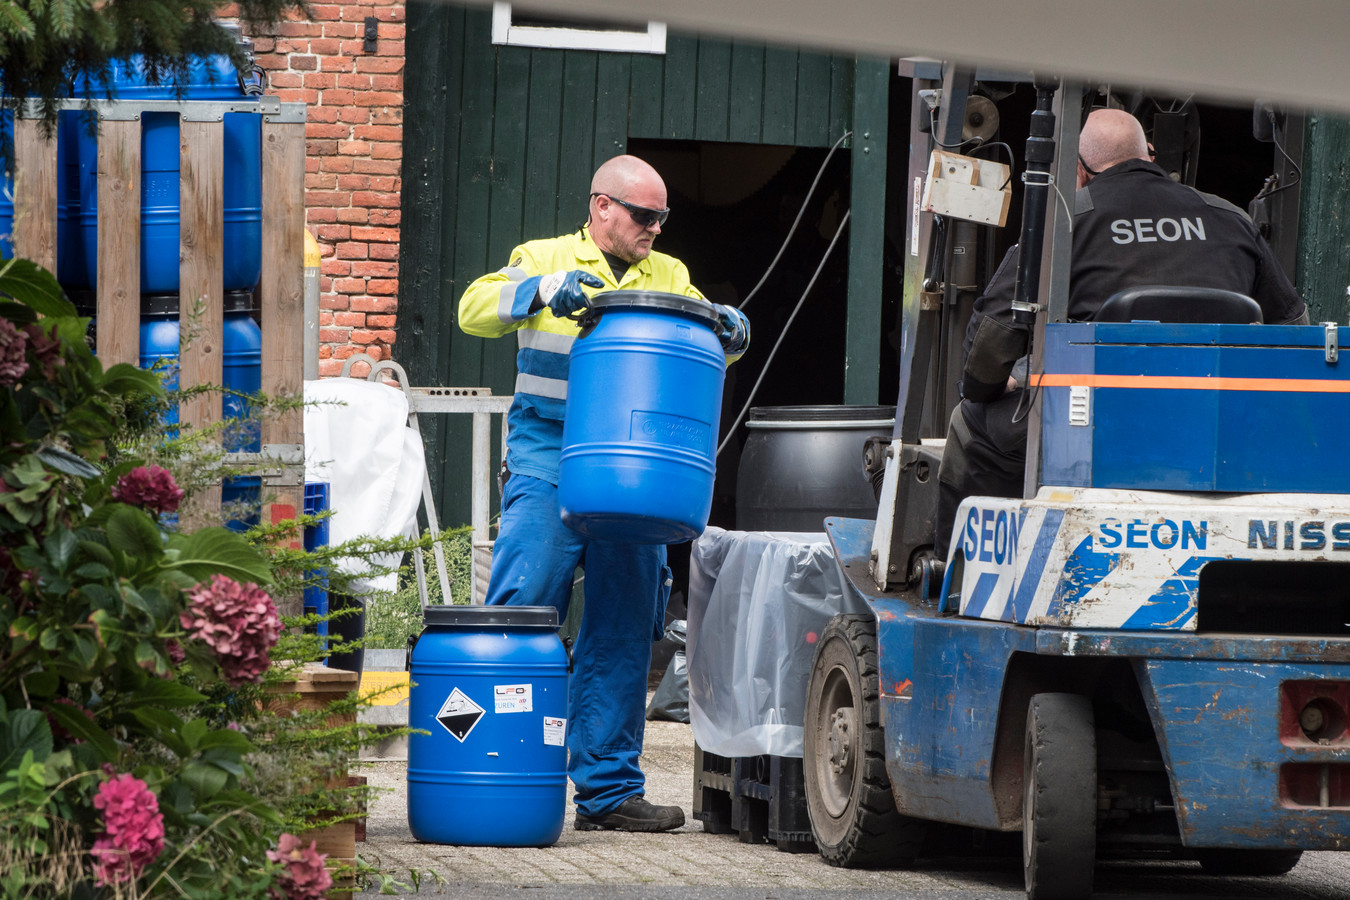 Noordijk 20170813 Drugslaboratorium ontmanteld aan in een boerderij aan de G.L. Rutgersstraat editie:VRIJE FOTO Foto Reinier van Willigen